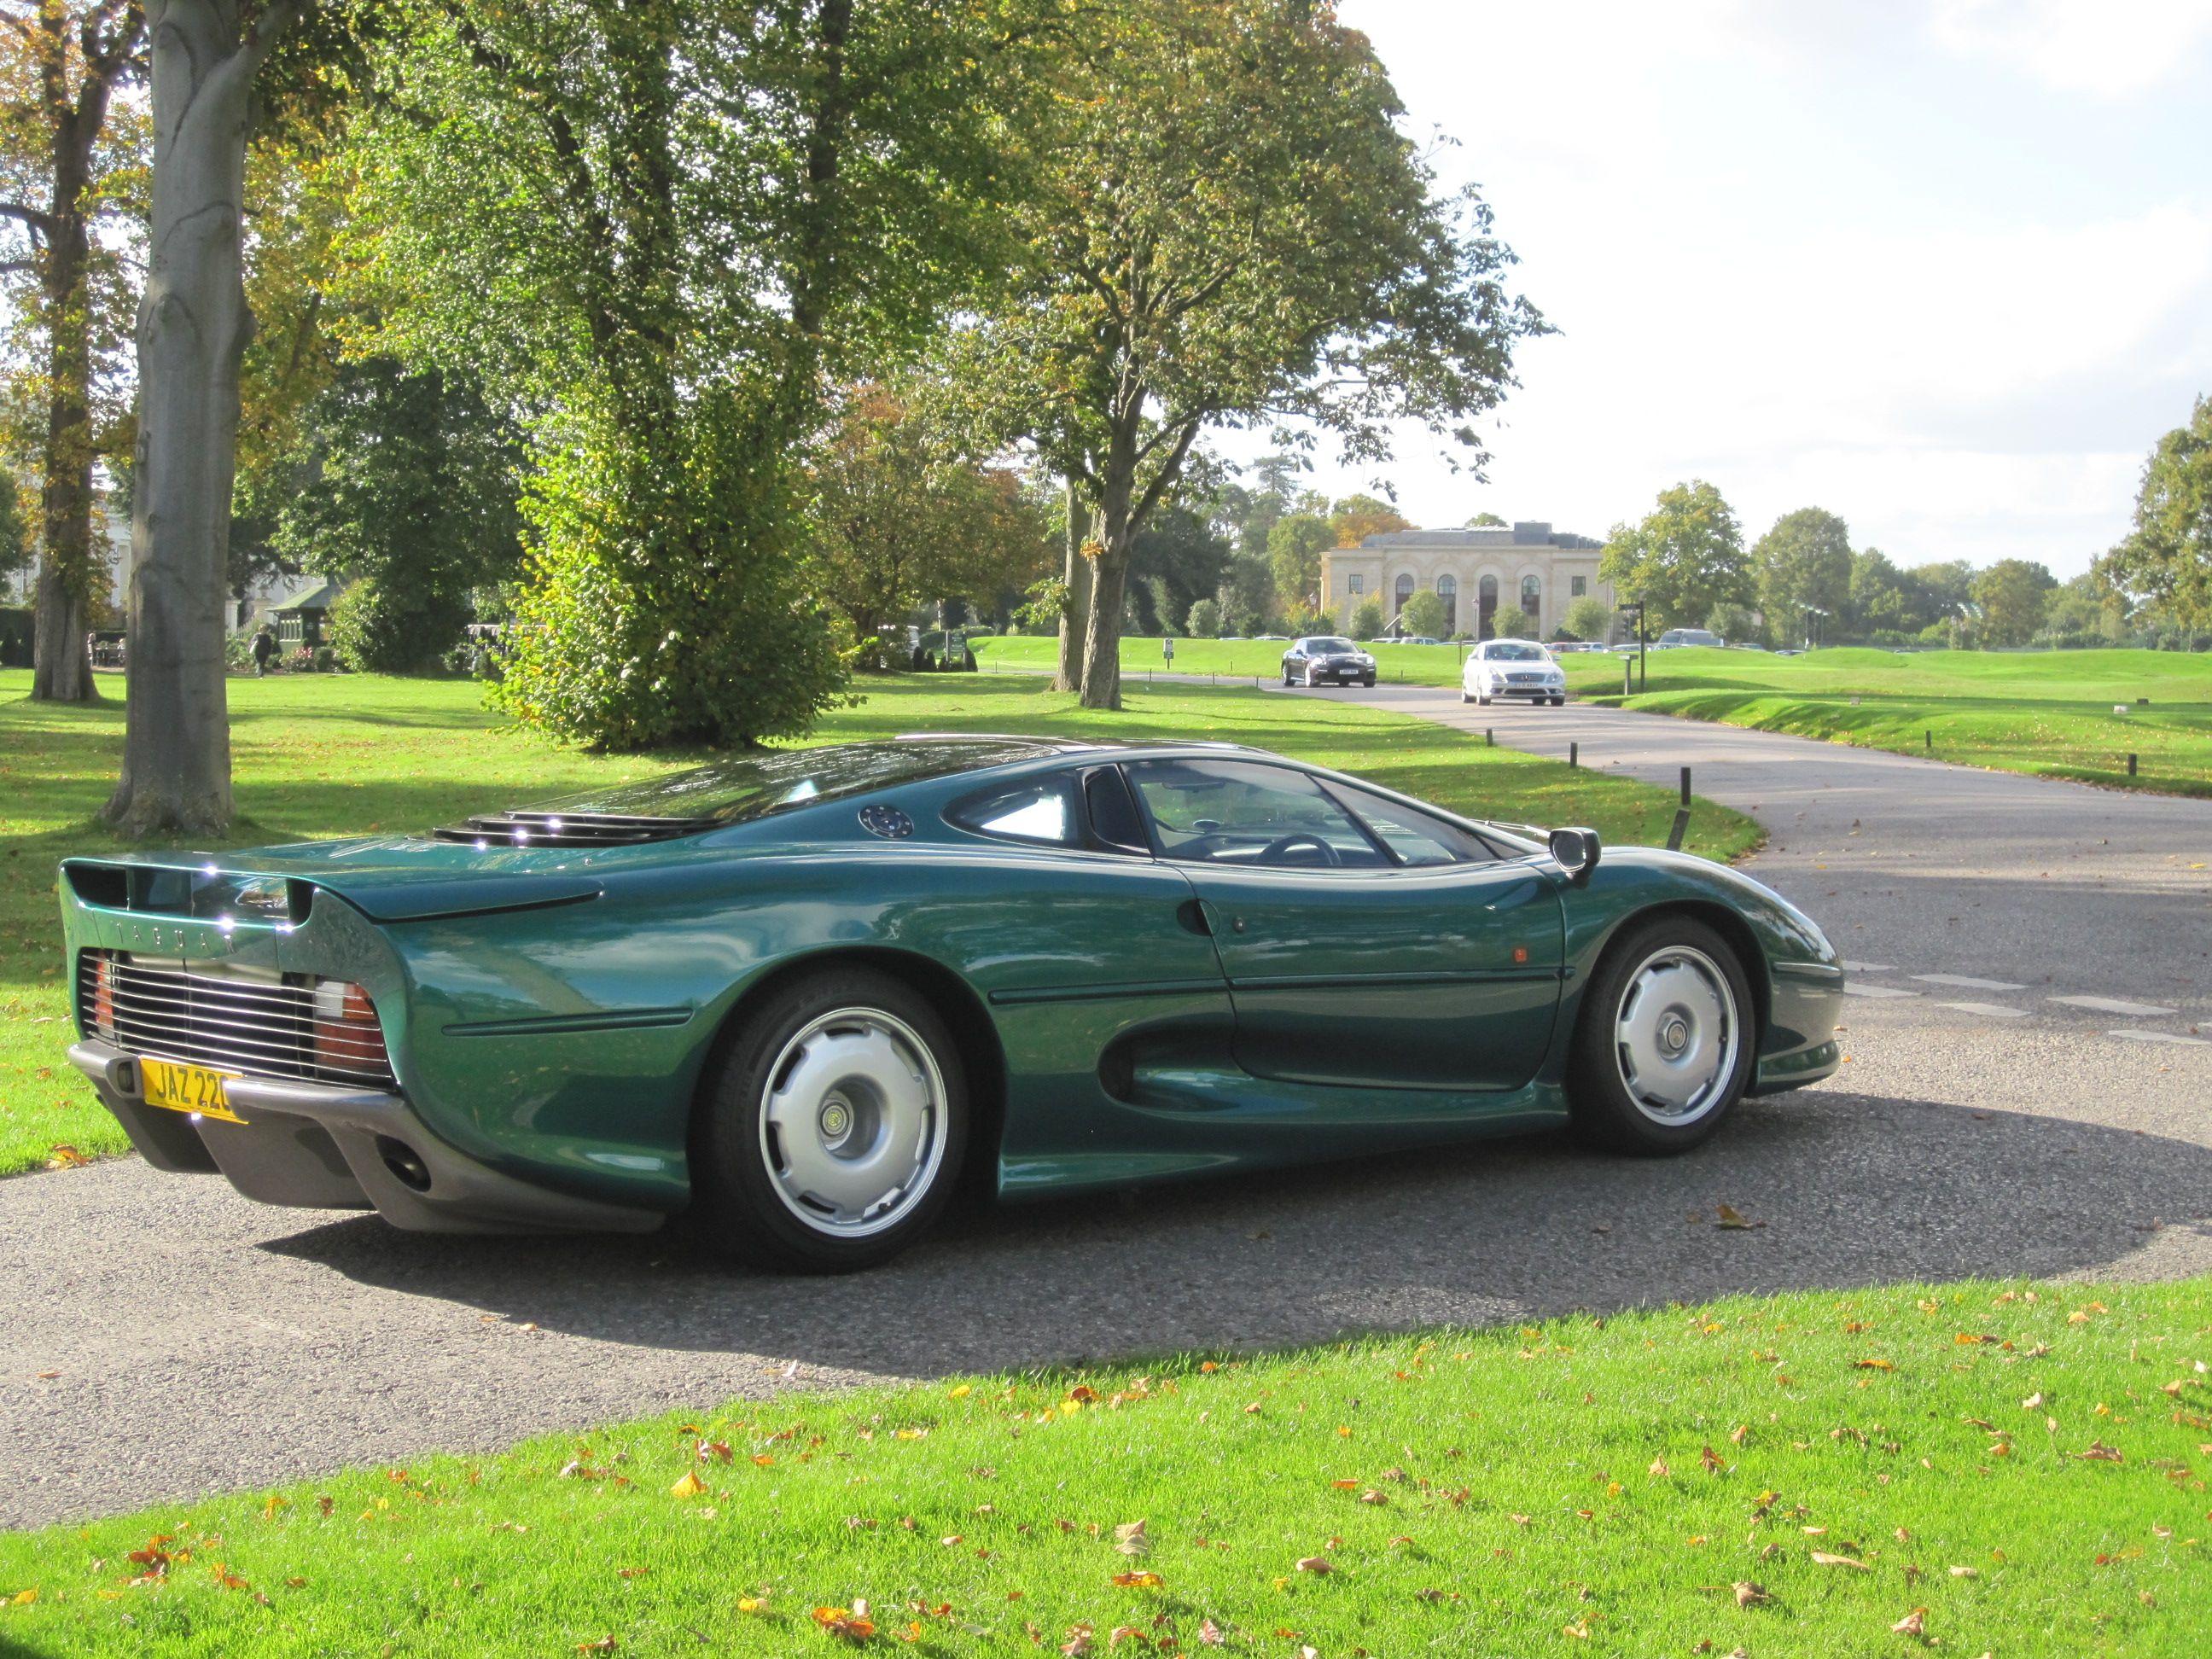 Ex Brunei Royal Family Jaguar Xj220 Up For Auction Jaguar Xj220 Jaguar Jaguar Car